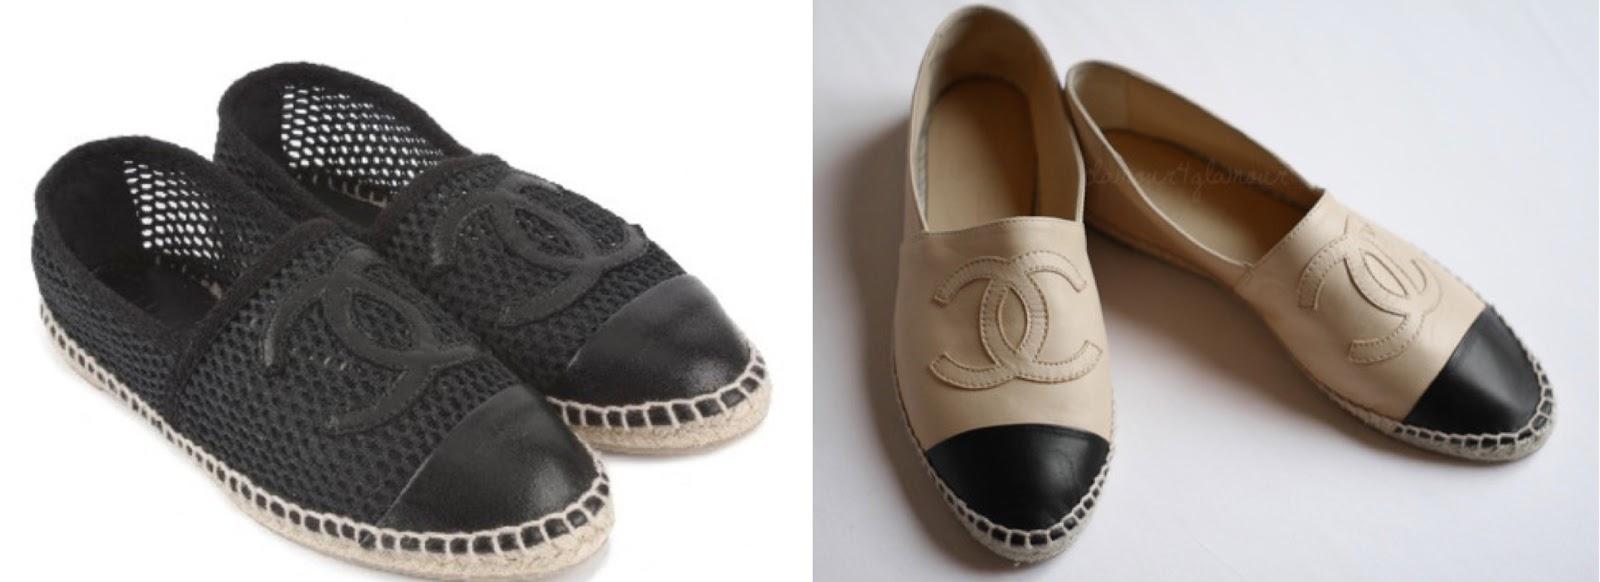 Las esparteñas o spadrilles de doble c, en tela y en infinidad de colores con un precio de 250\u20ac, ya estaban siendo calzadas las semanas pasadas de la moda,